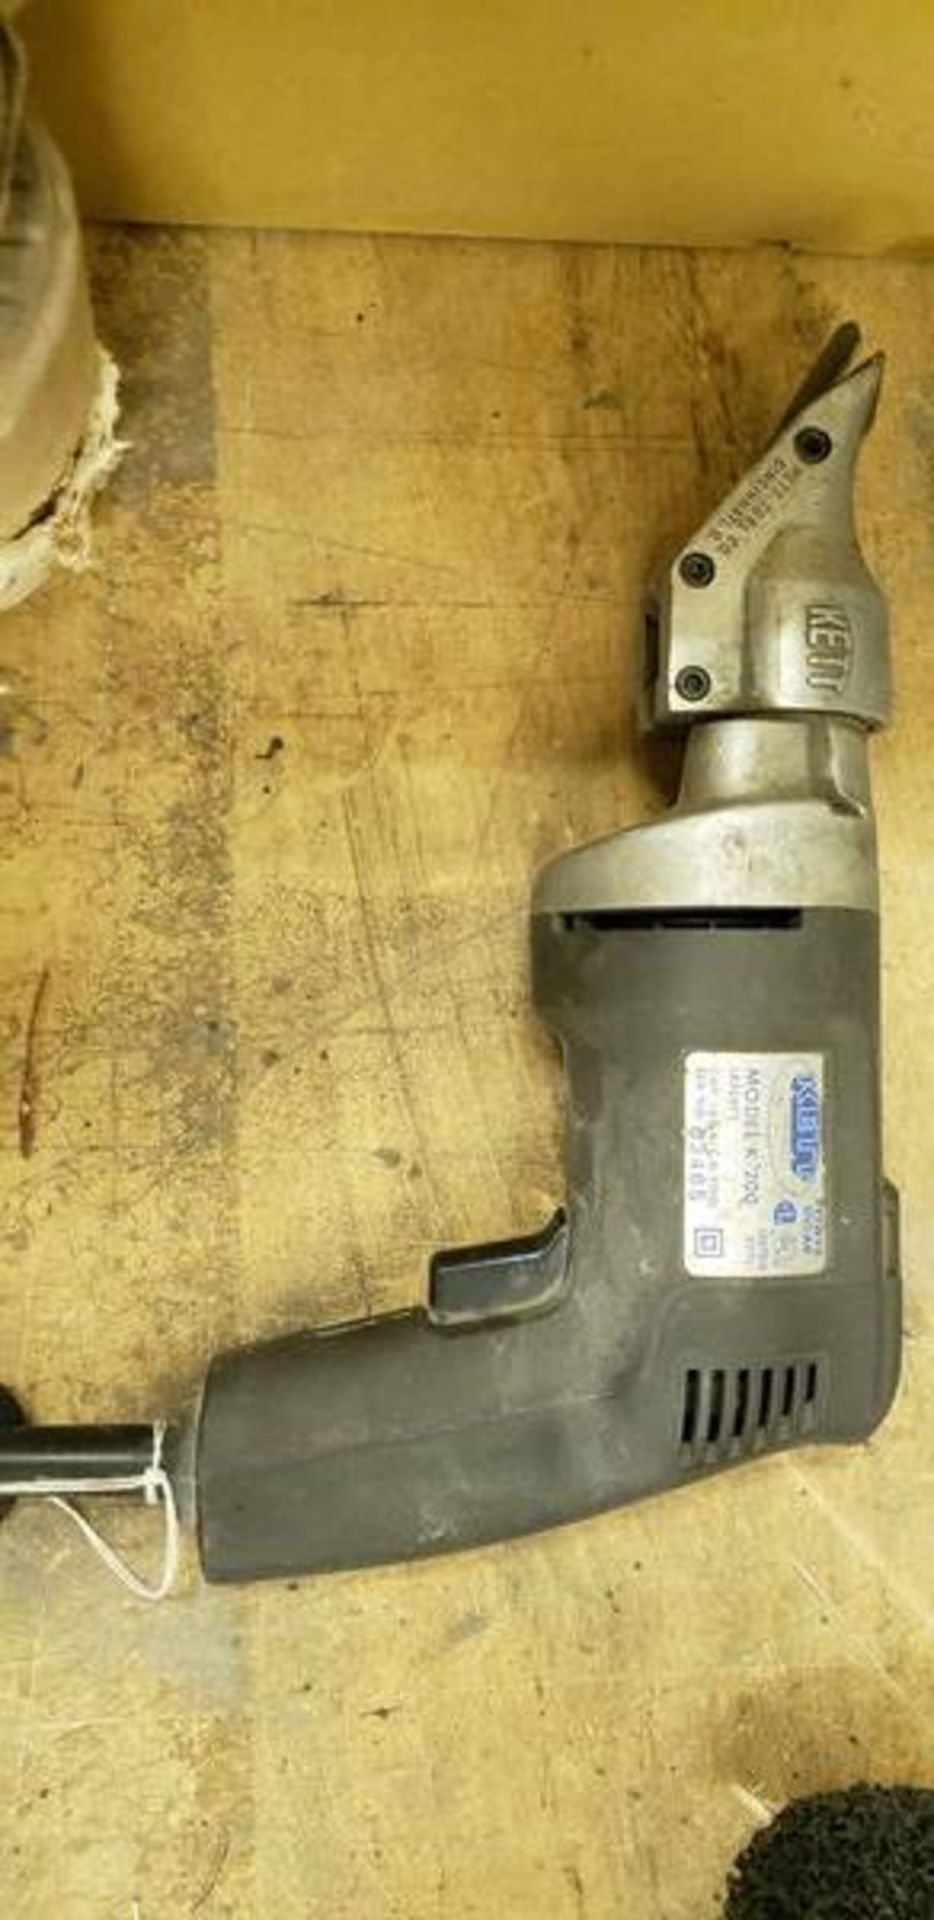 KETT POWER SHEAR MODEL K-200 - Image 2 of 3